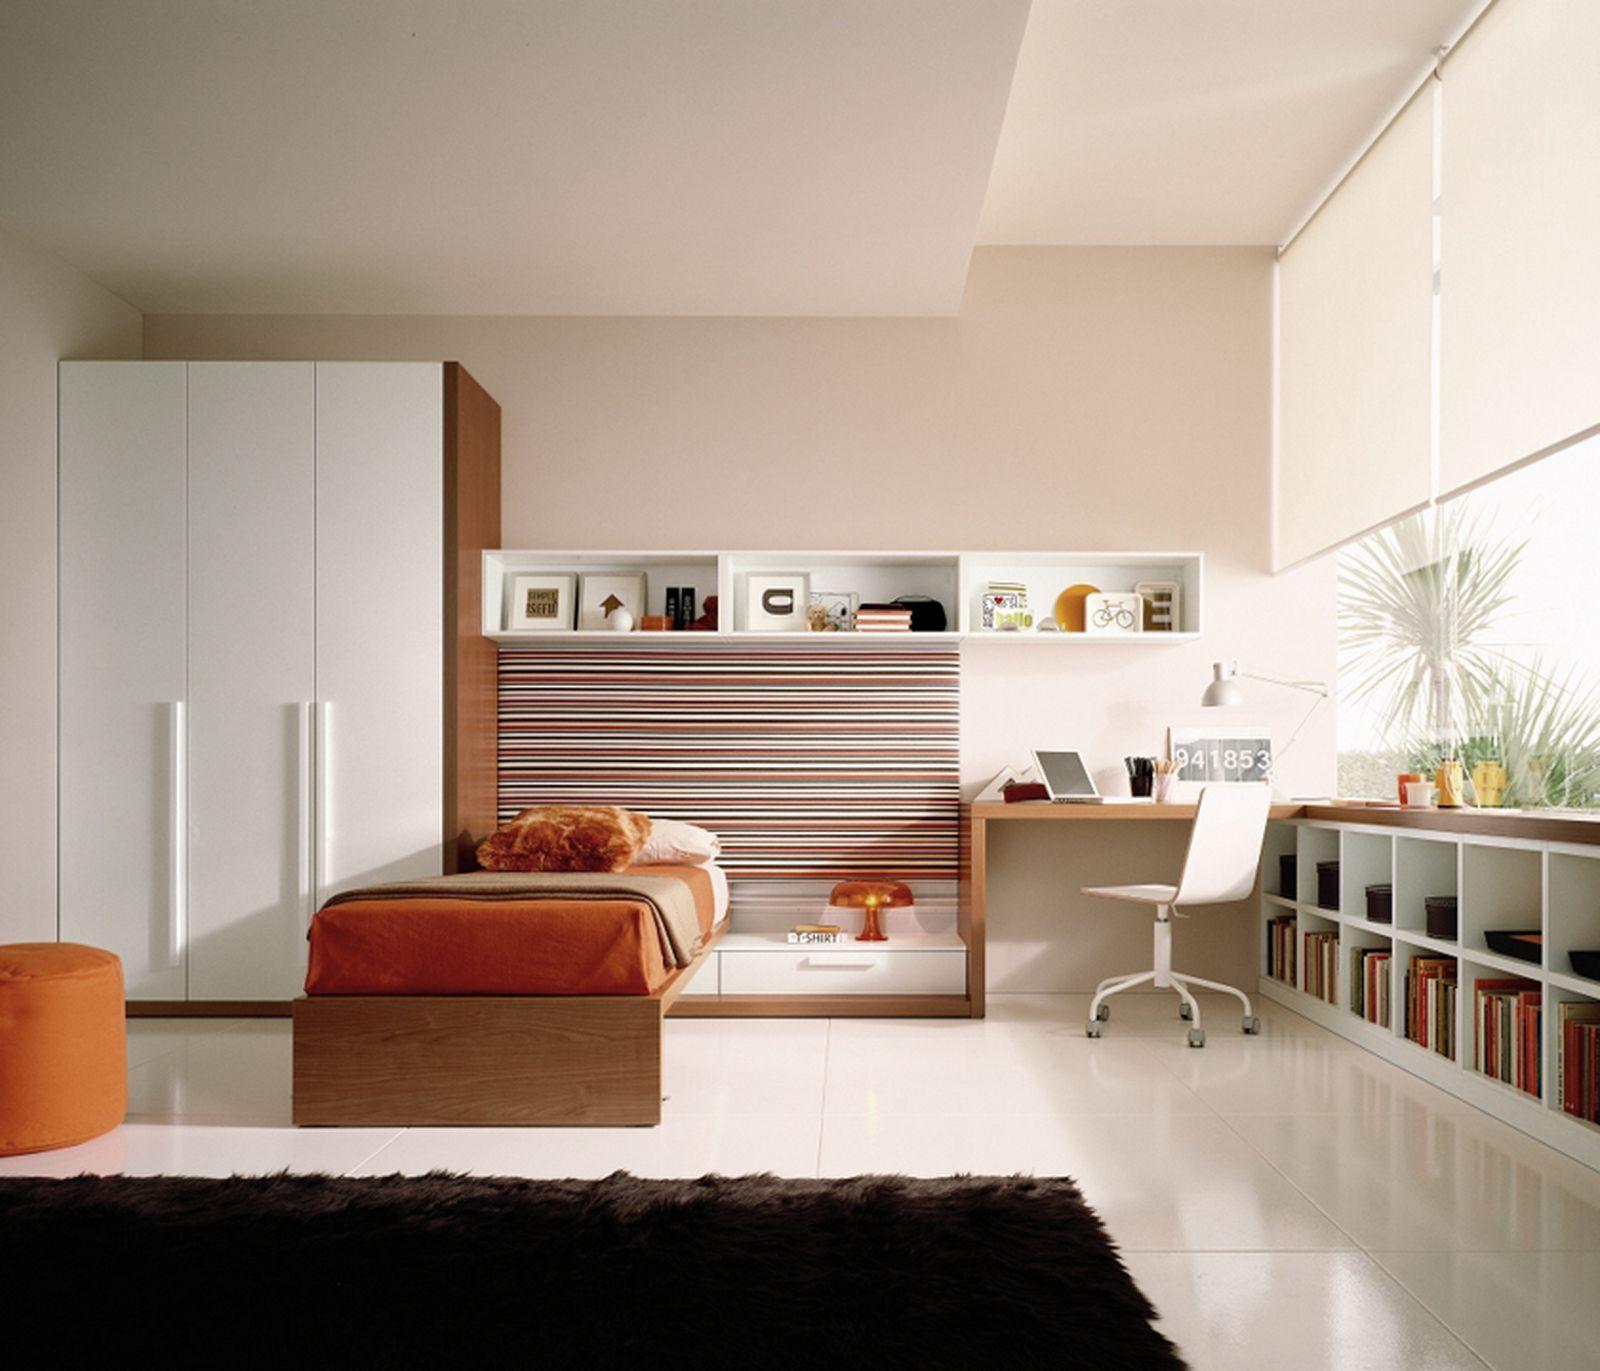 {title} (mit Bildern) Schlafzimmer design